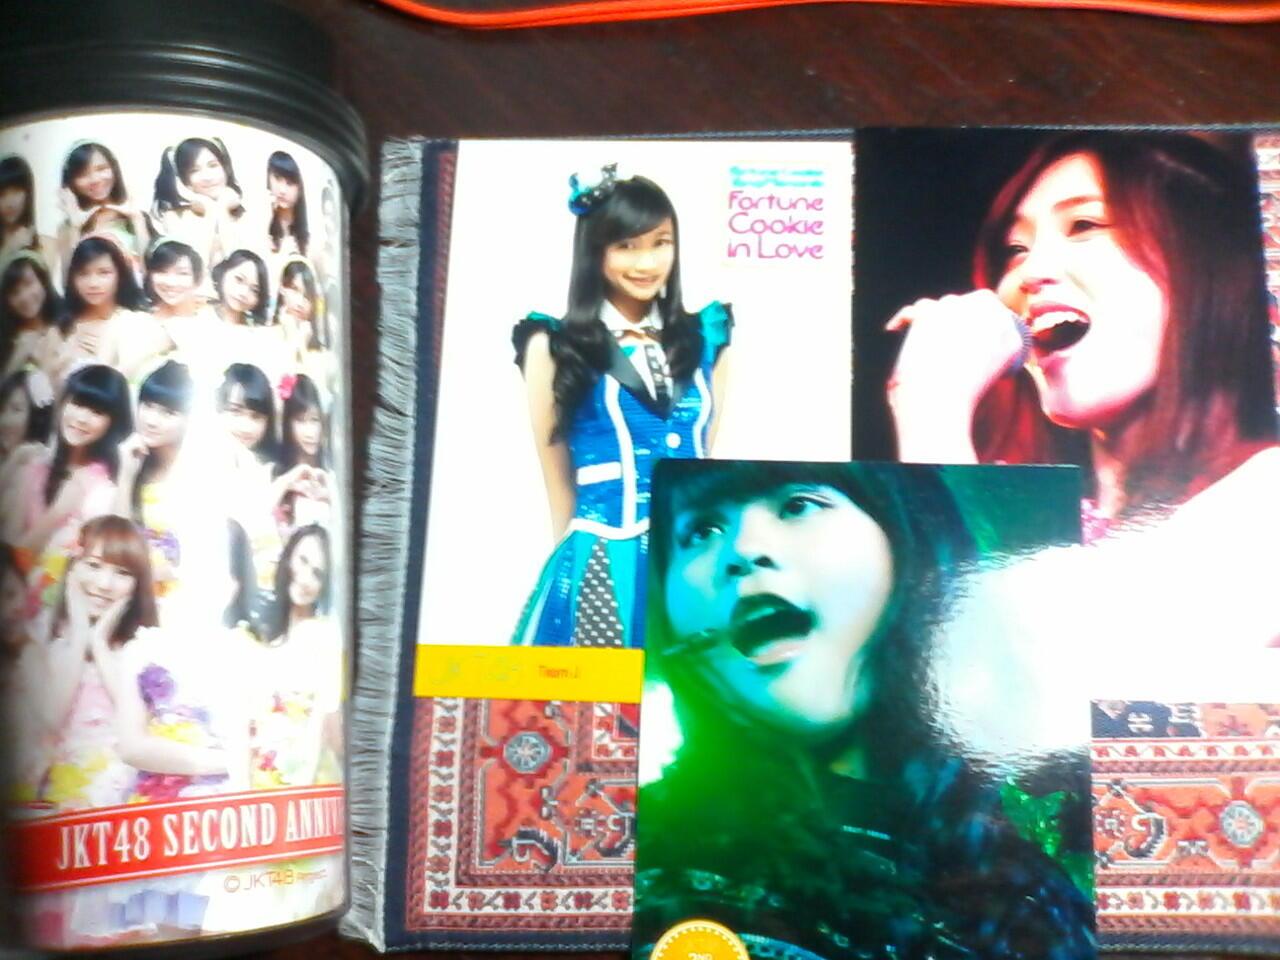 [SWAG JKT48] Gelas Special 2nd Anniv (ALL MEMBER) + 3 Photopack ! REKBER ? OK !